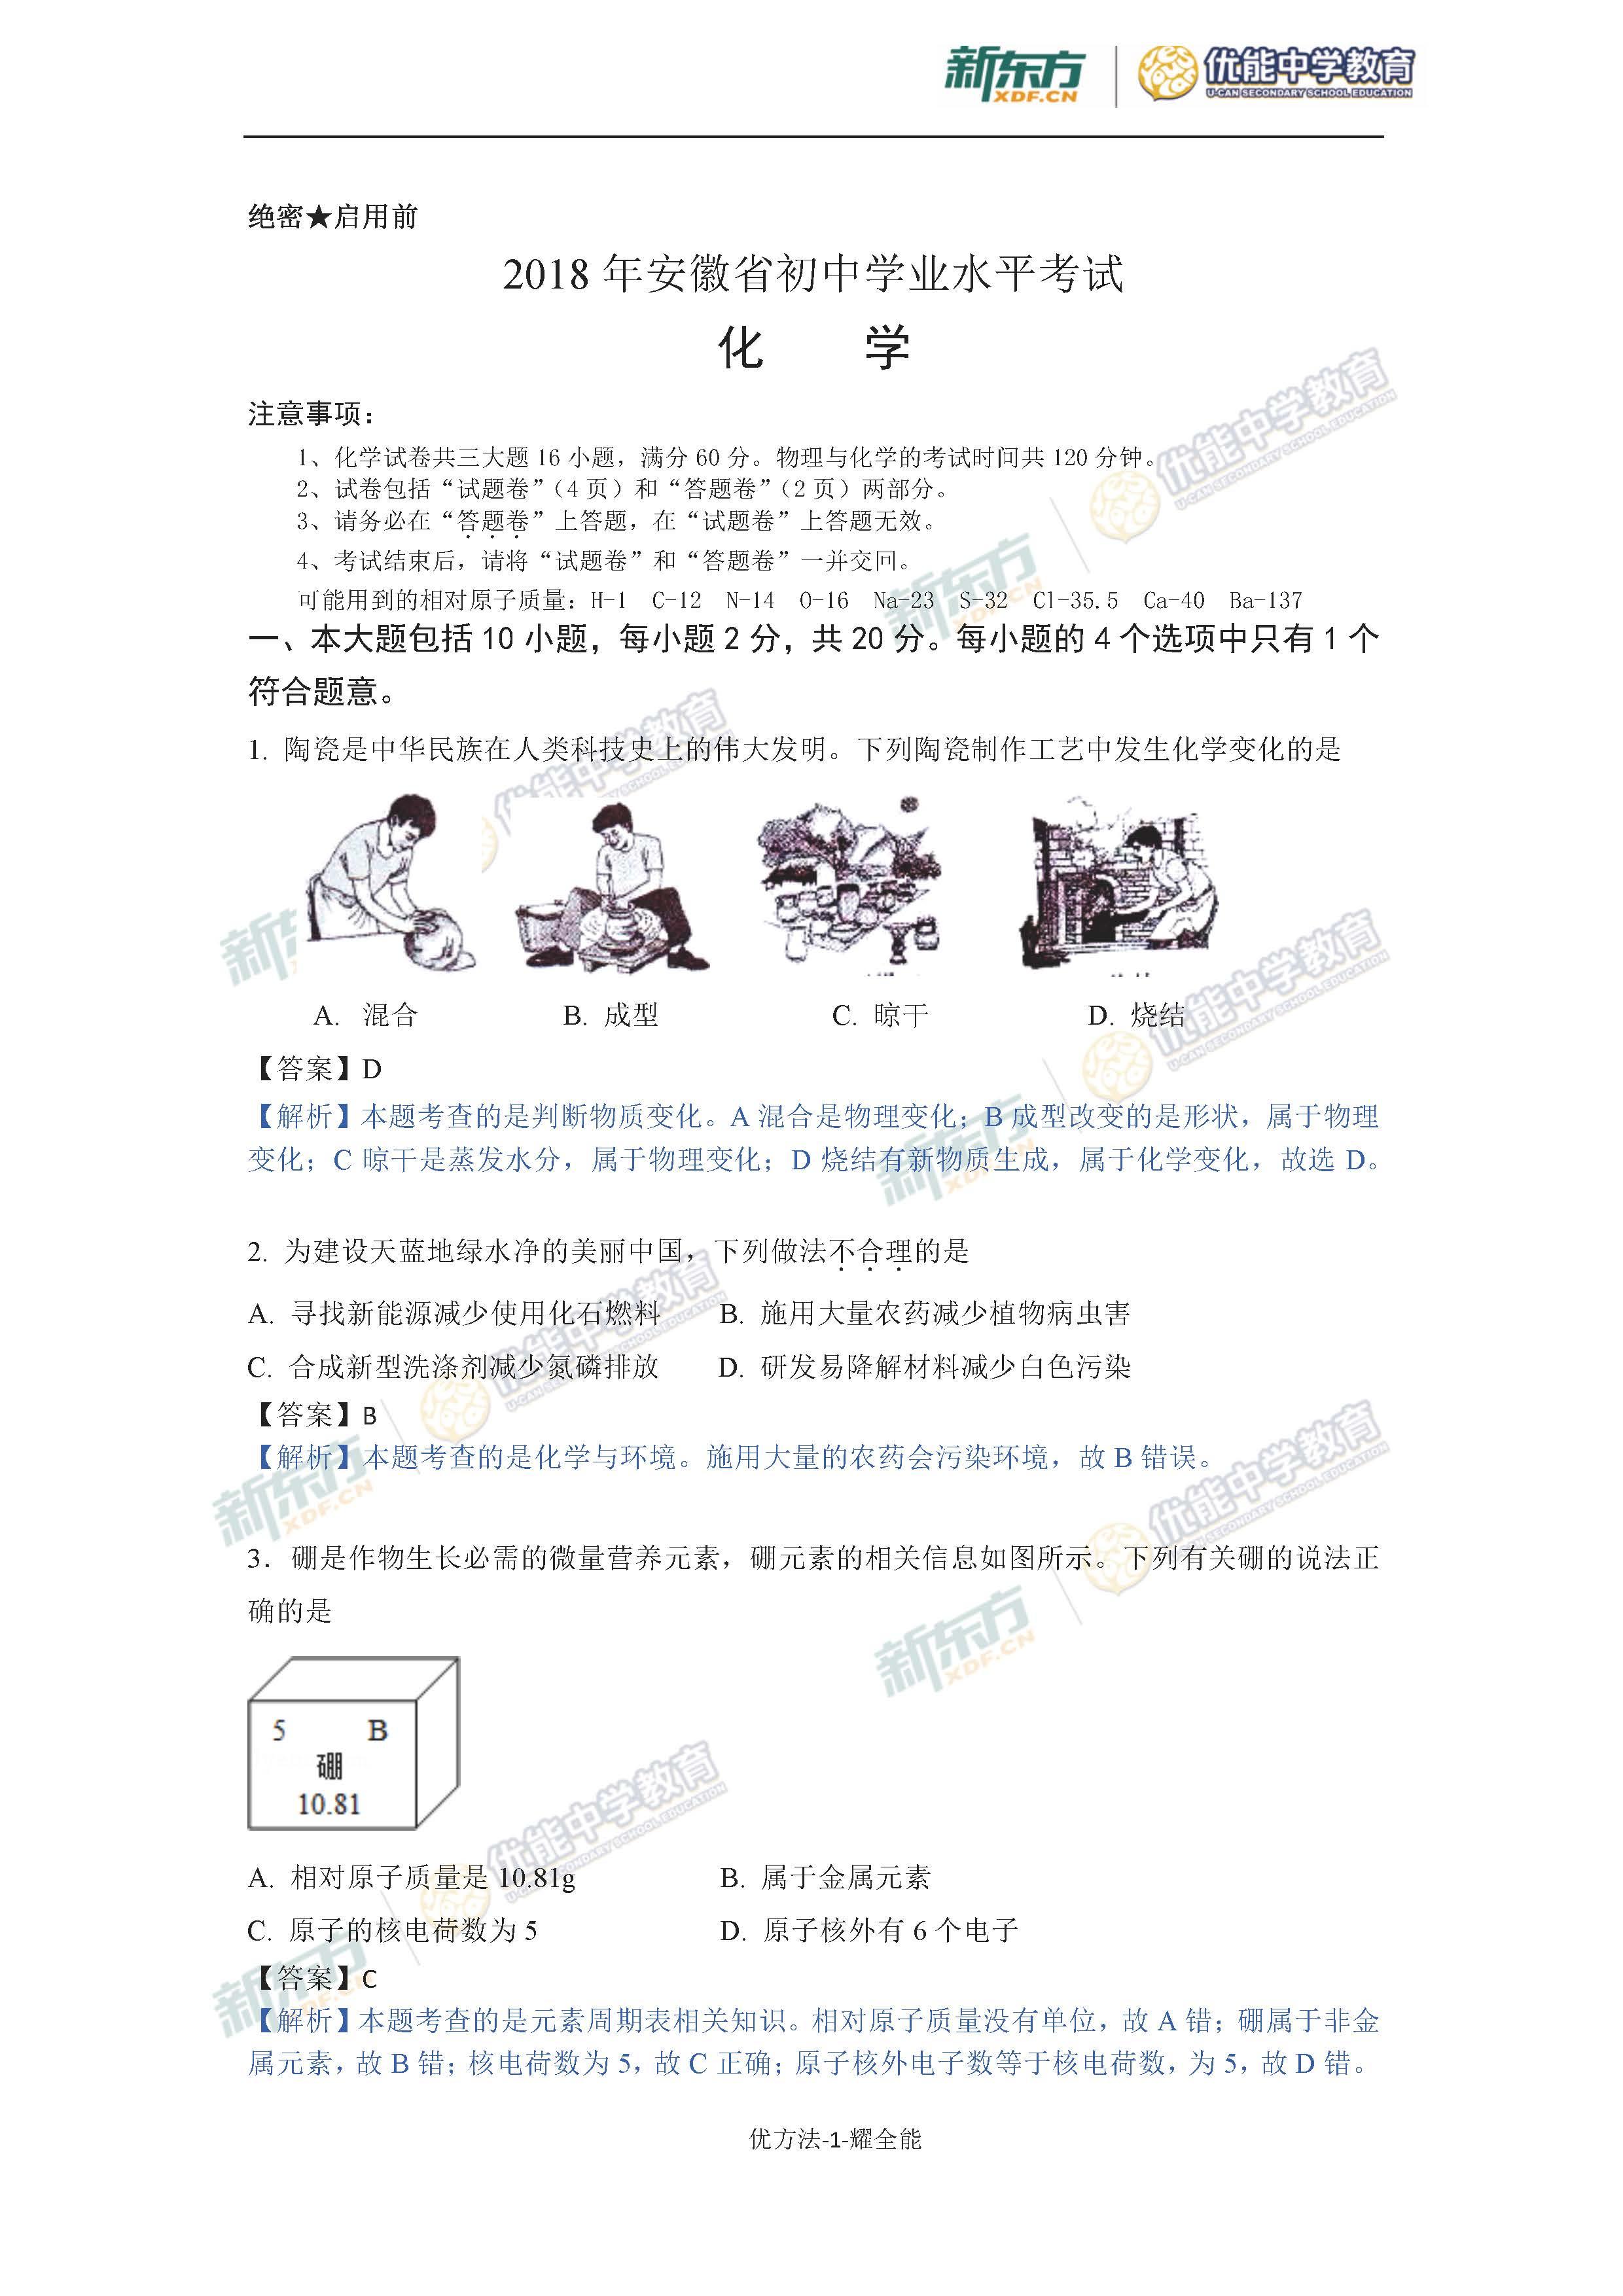 2018安徽中考化学试题答案逐题解析(安徽新东方)